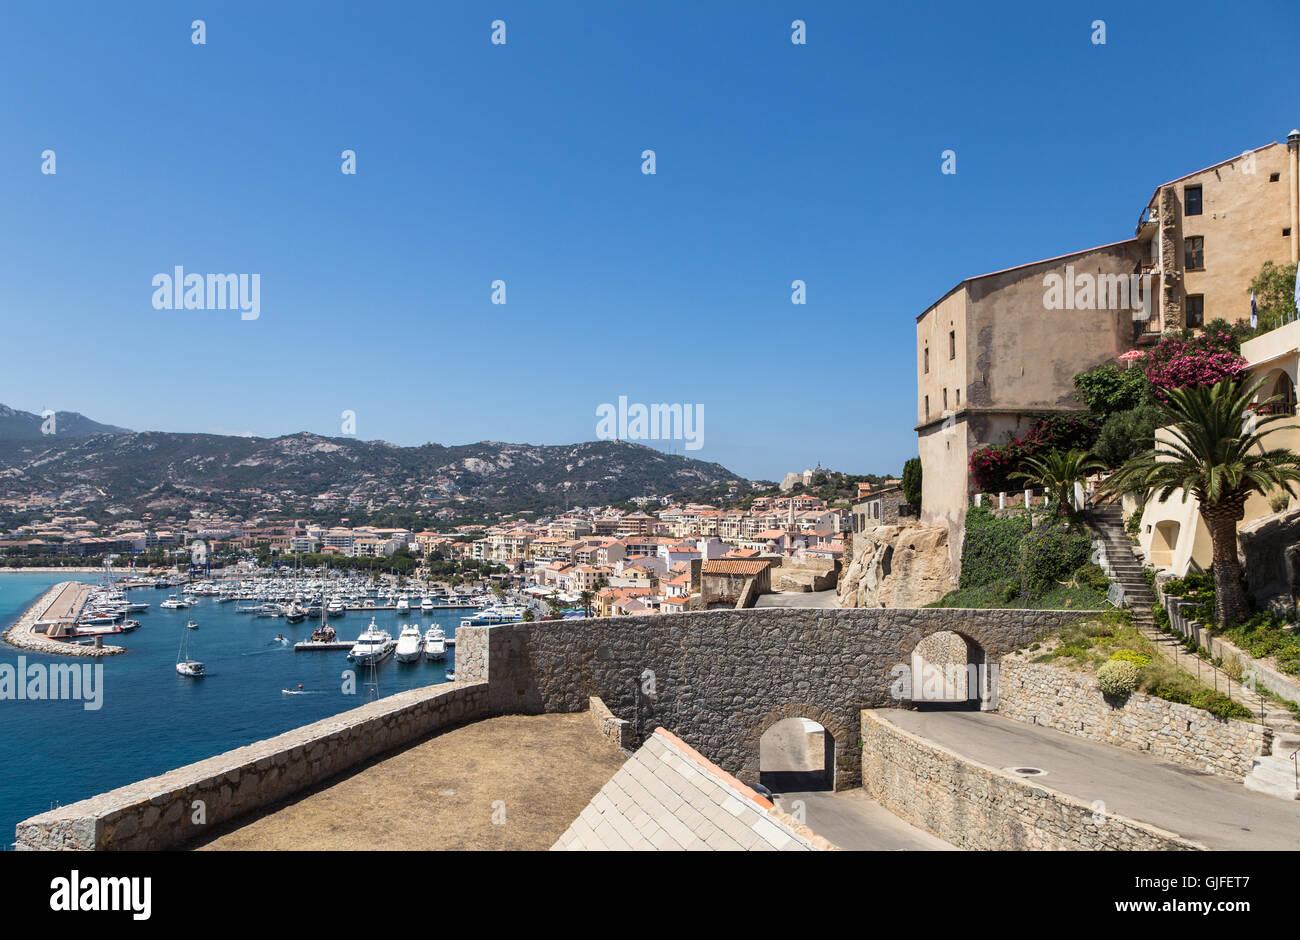 Calvi-Zitadelle mit Blick auf den Yachthafen auf der französischen Insel Korsika. Stockbild